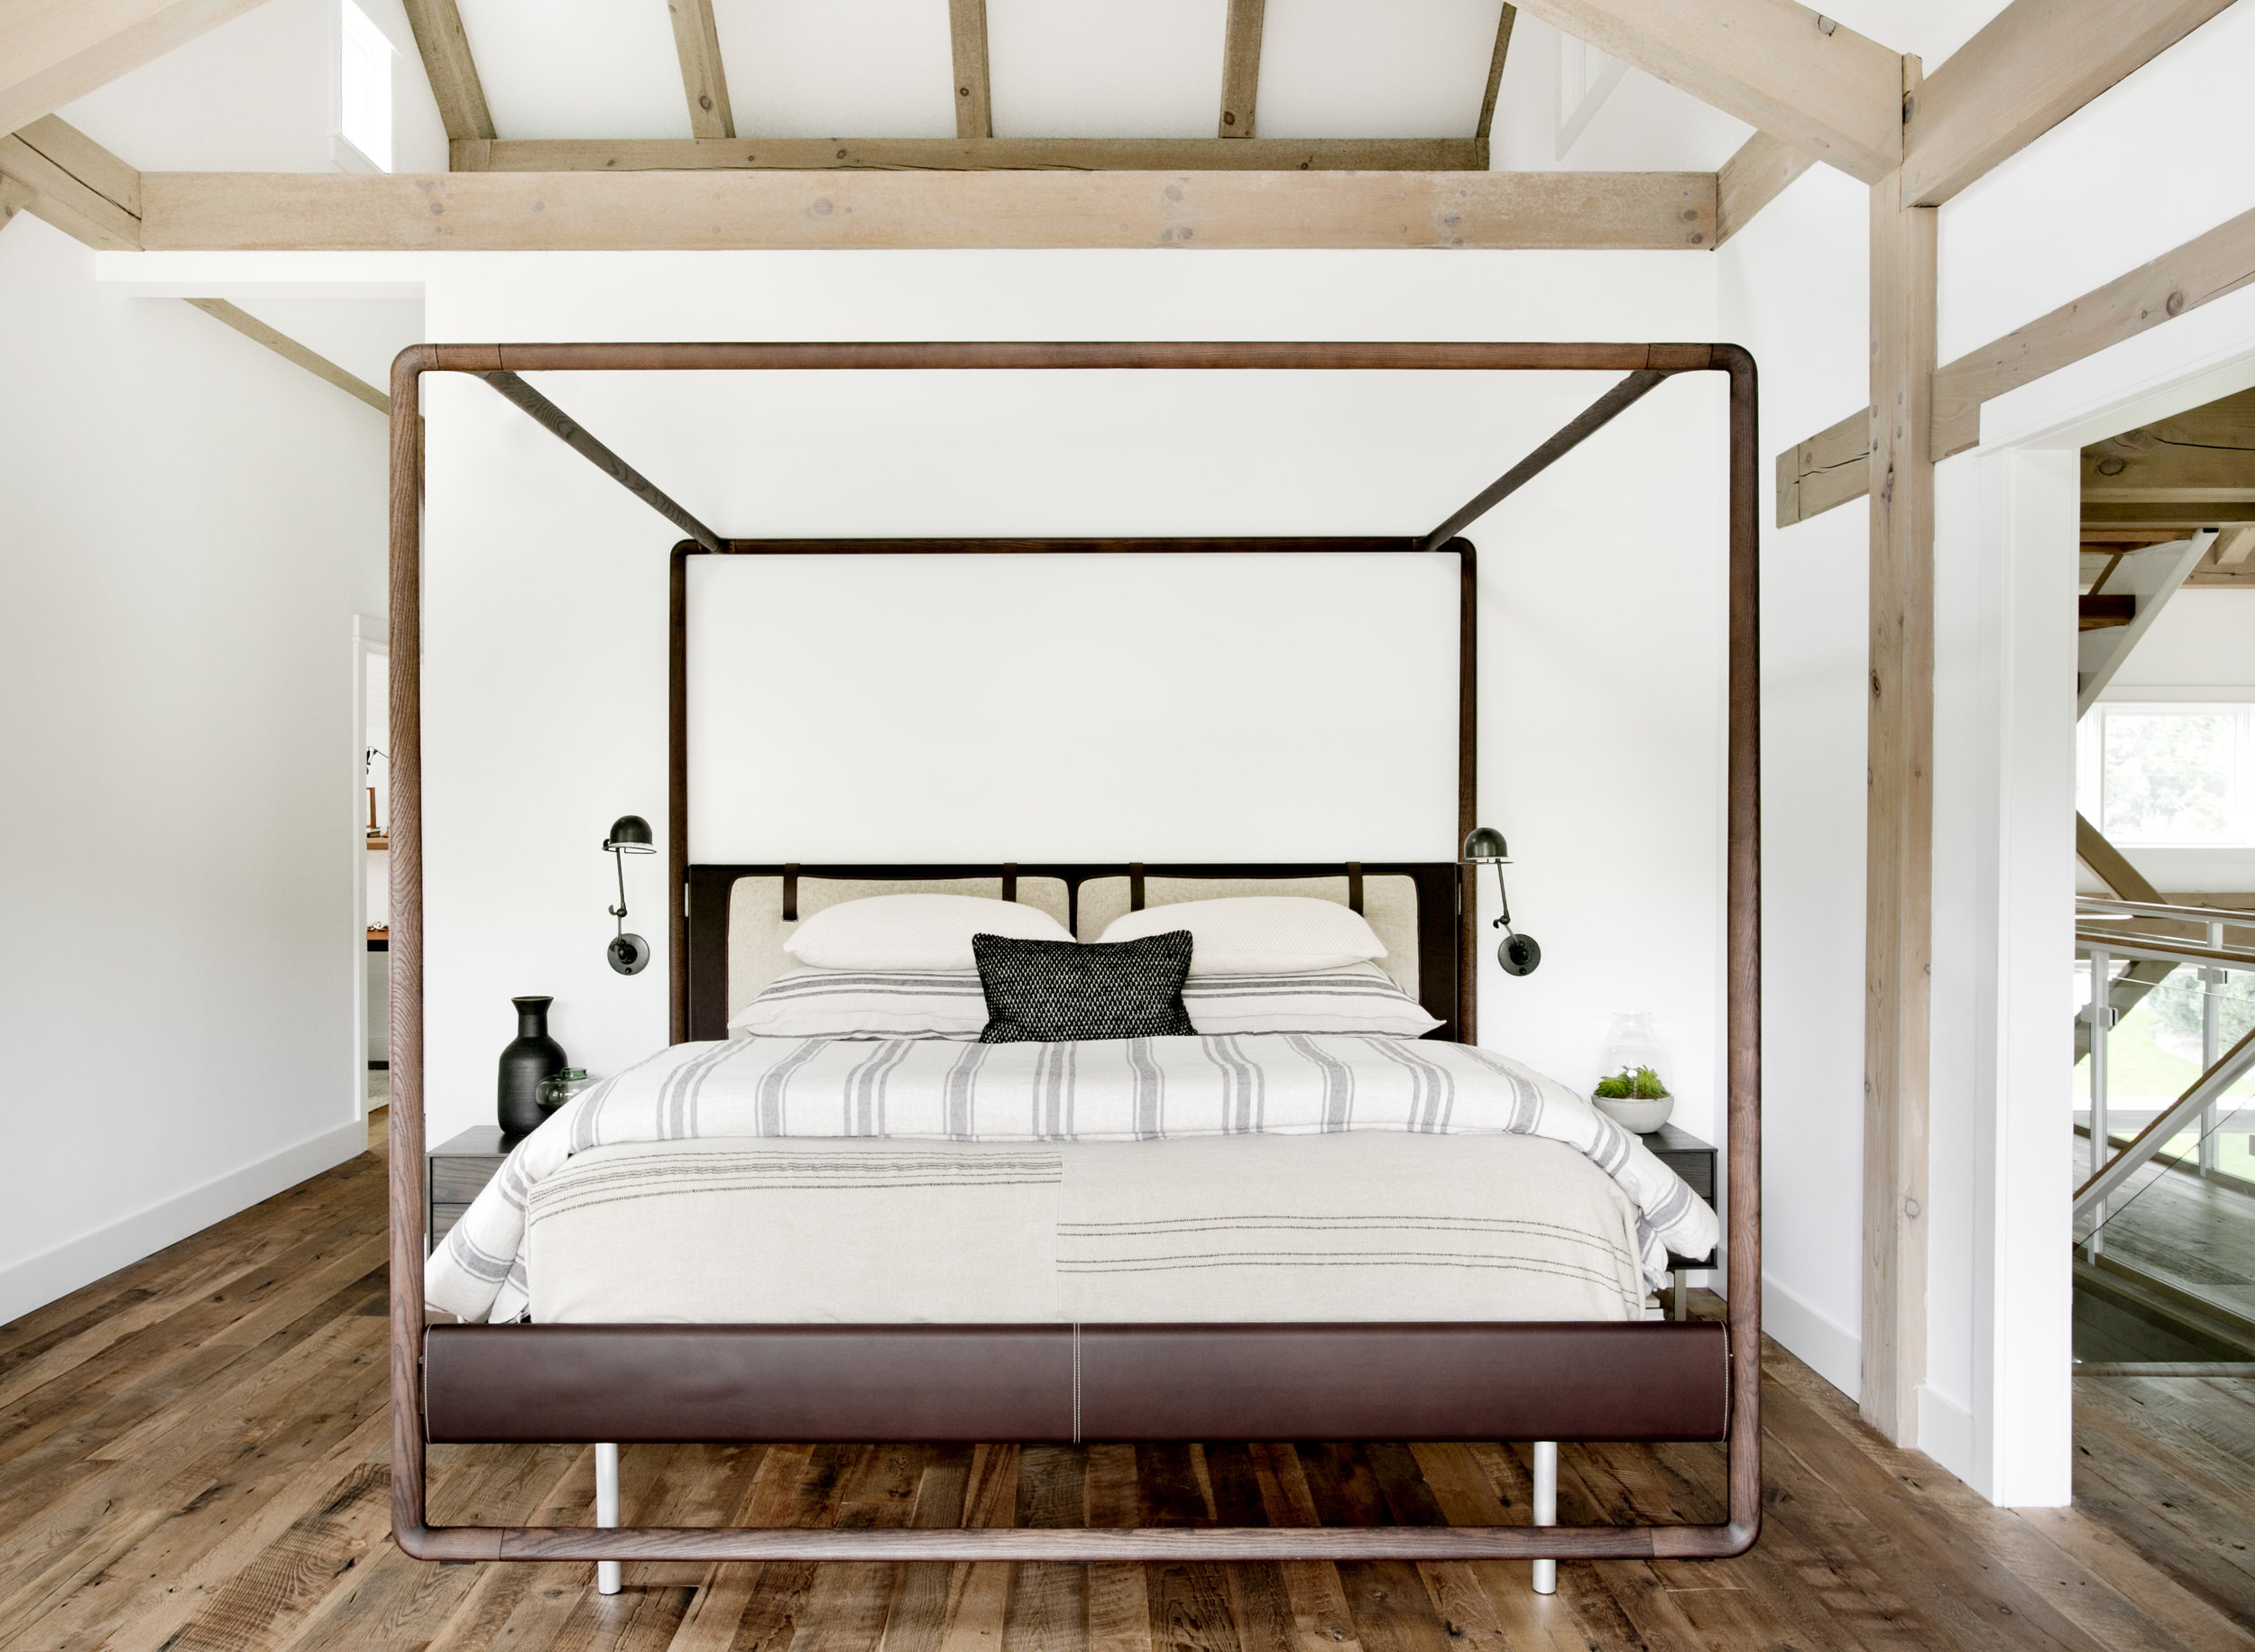 спальня кровать изголовье каркас для балдахина тексиль прикроватные светильники балки